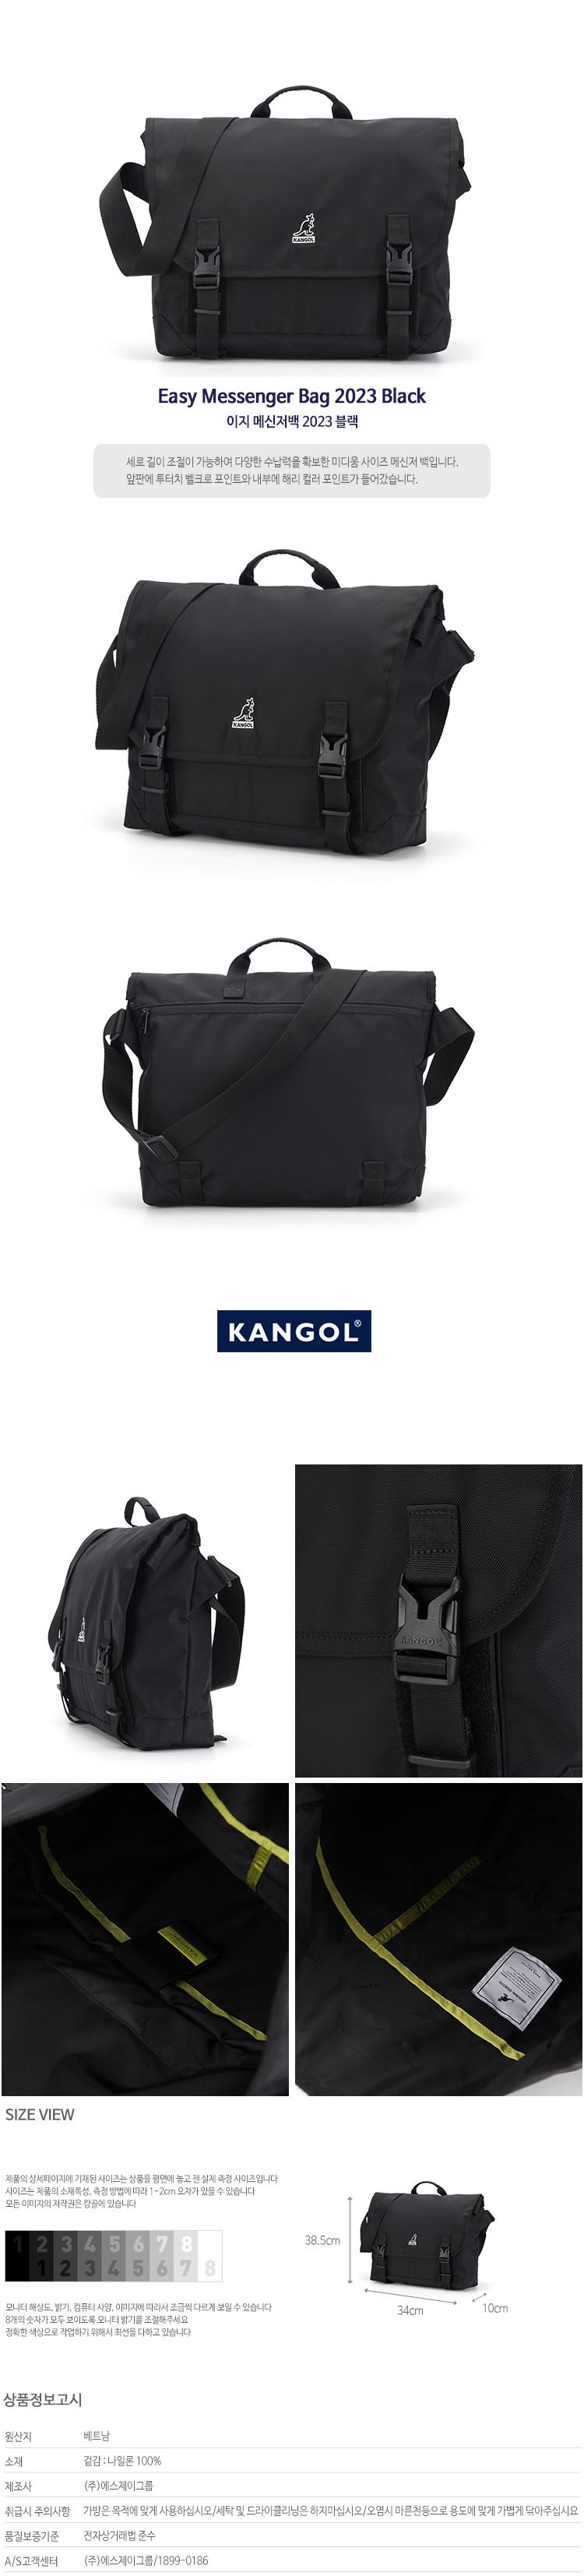 Easy Messenger Bag 2023 BLACK